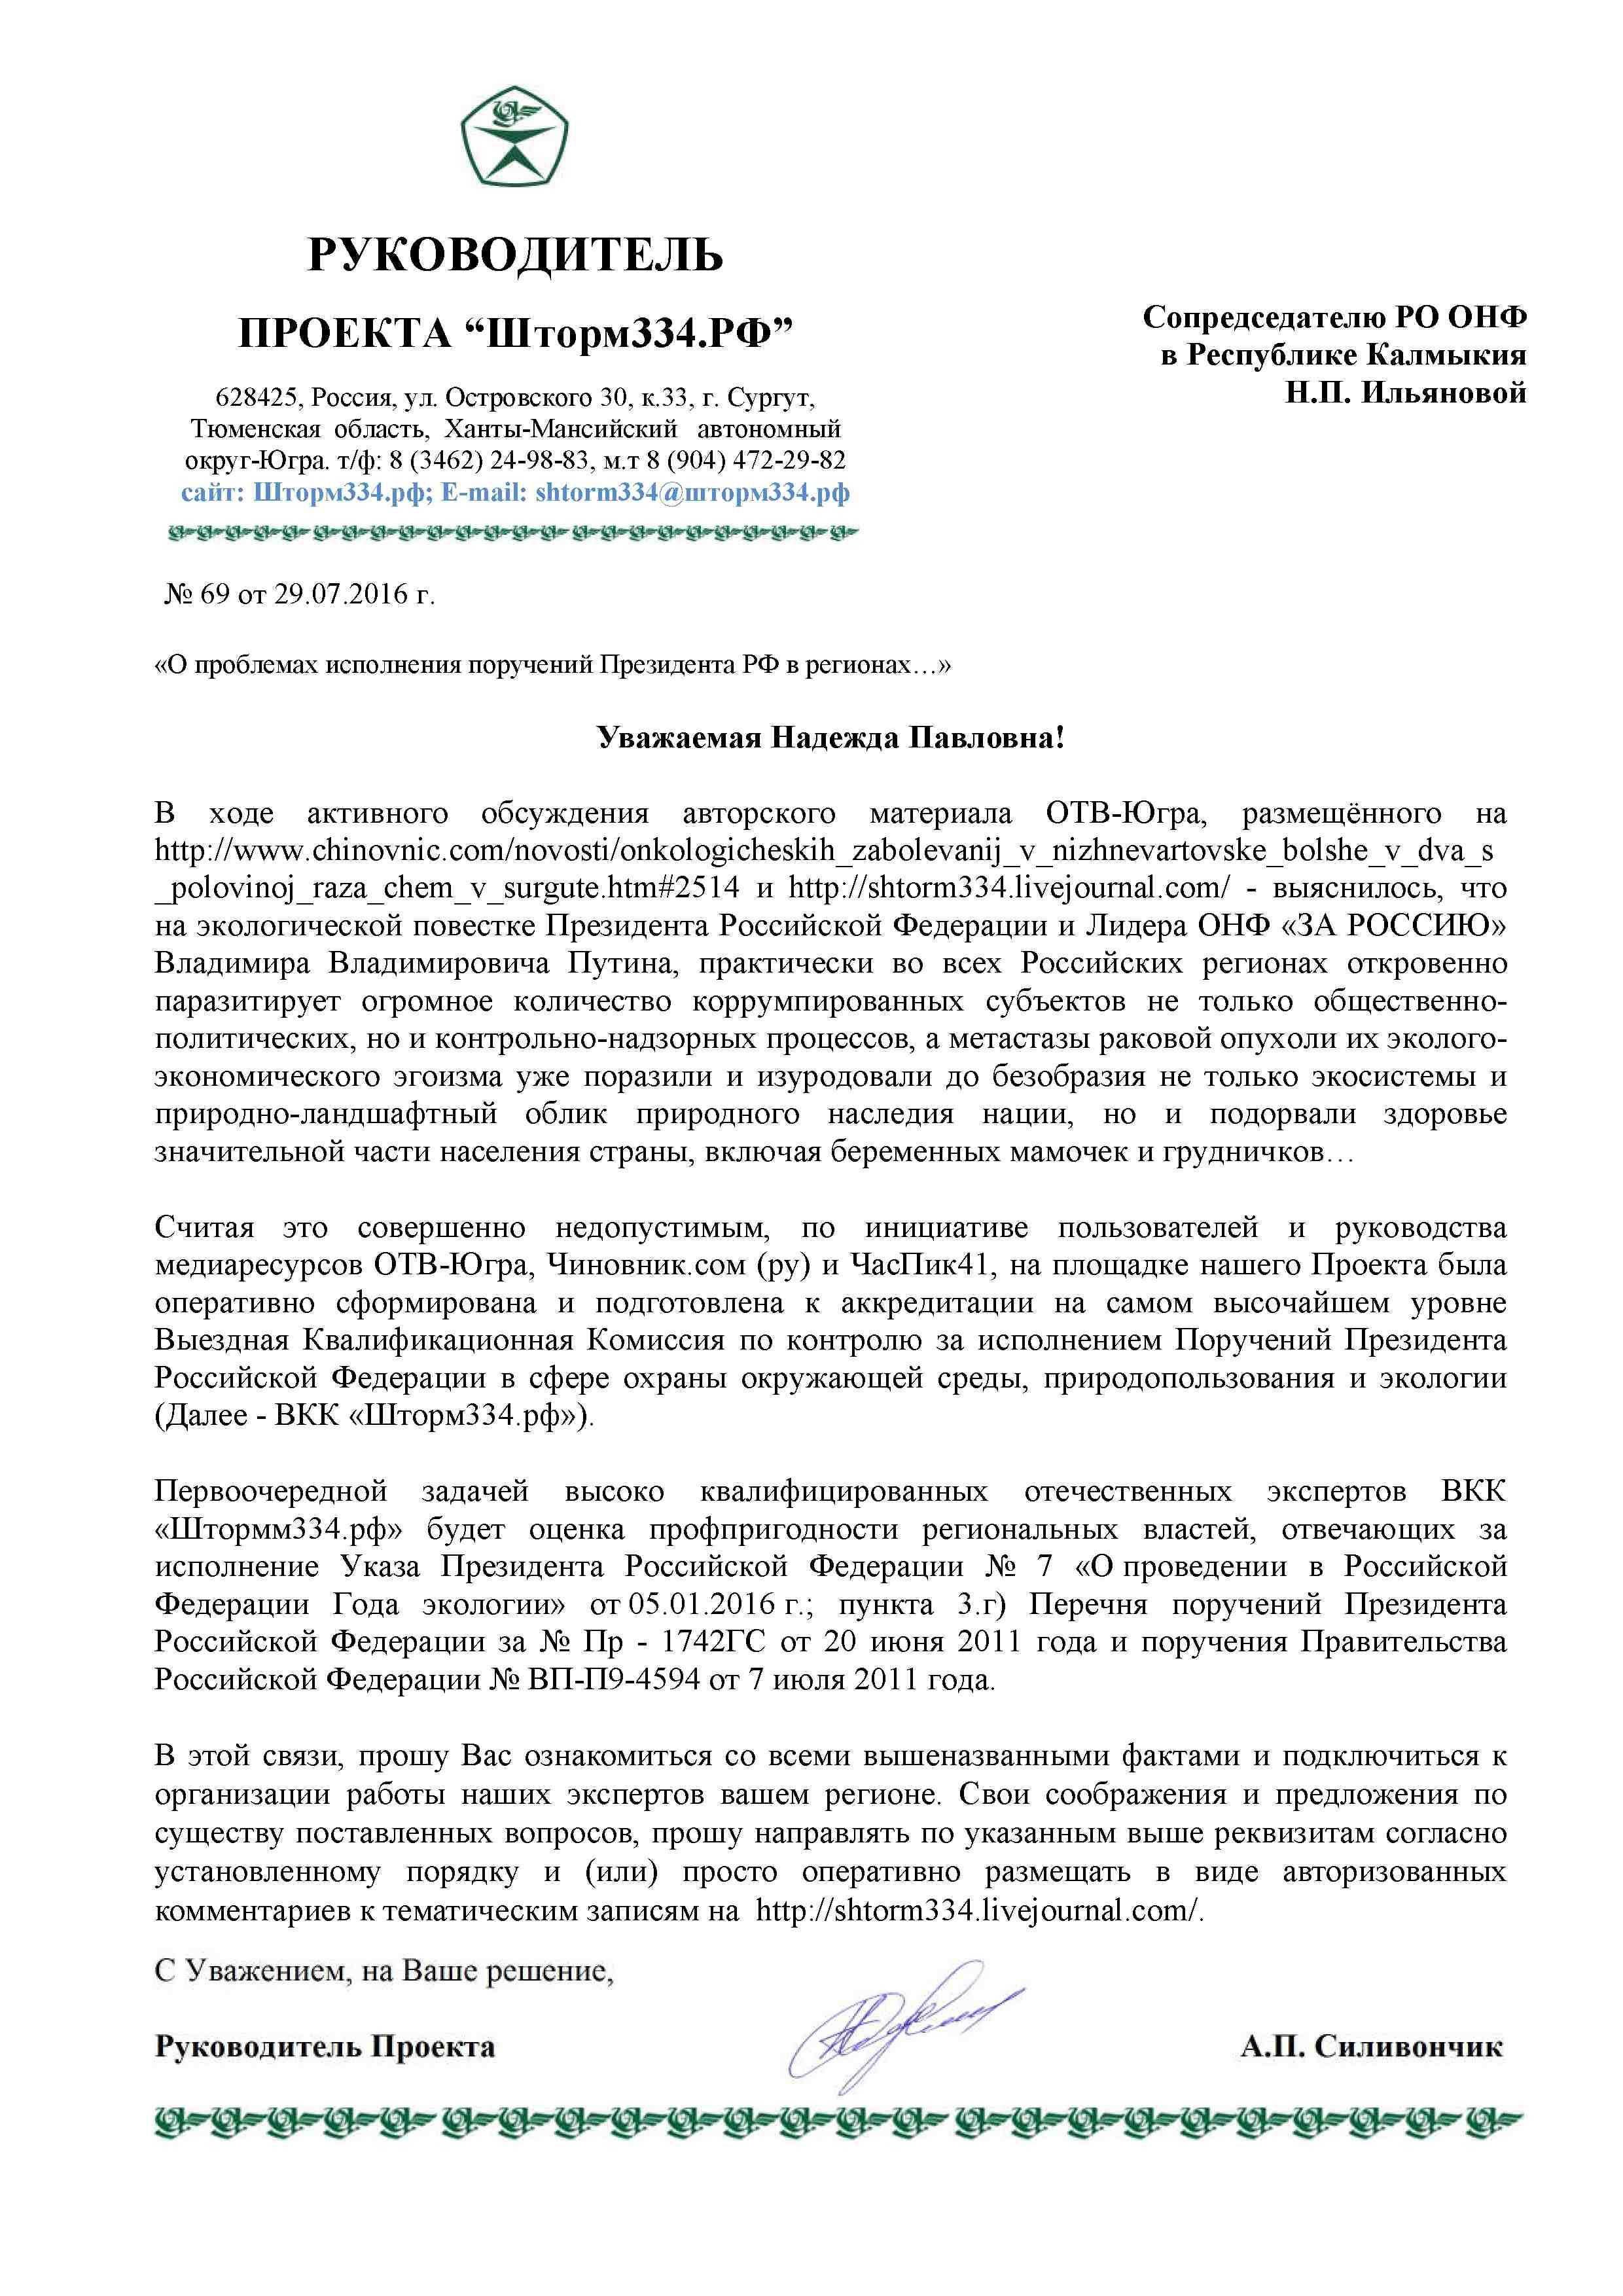 РП - ОНФ Республика Калмыкия-001